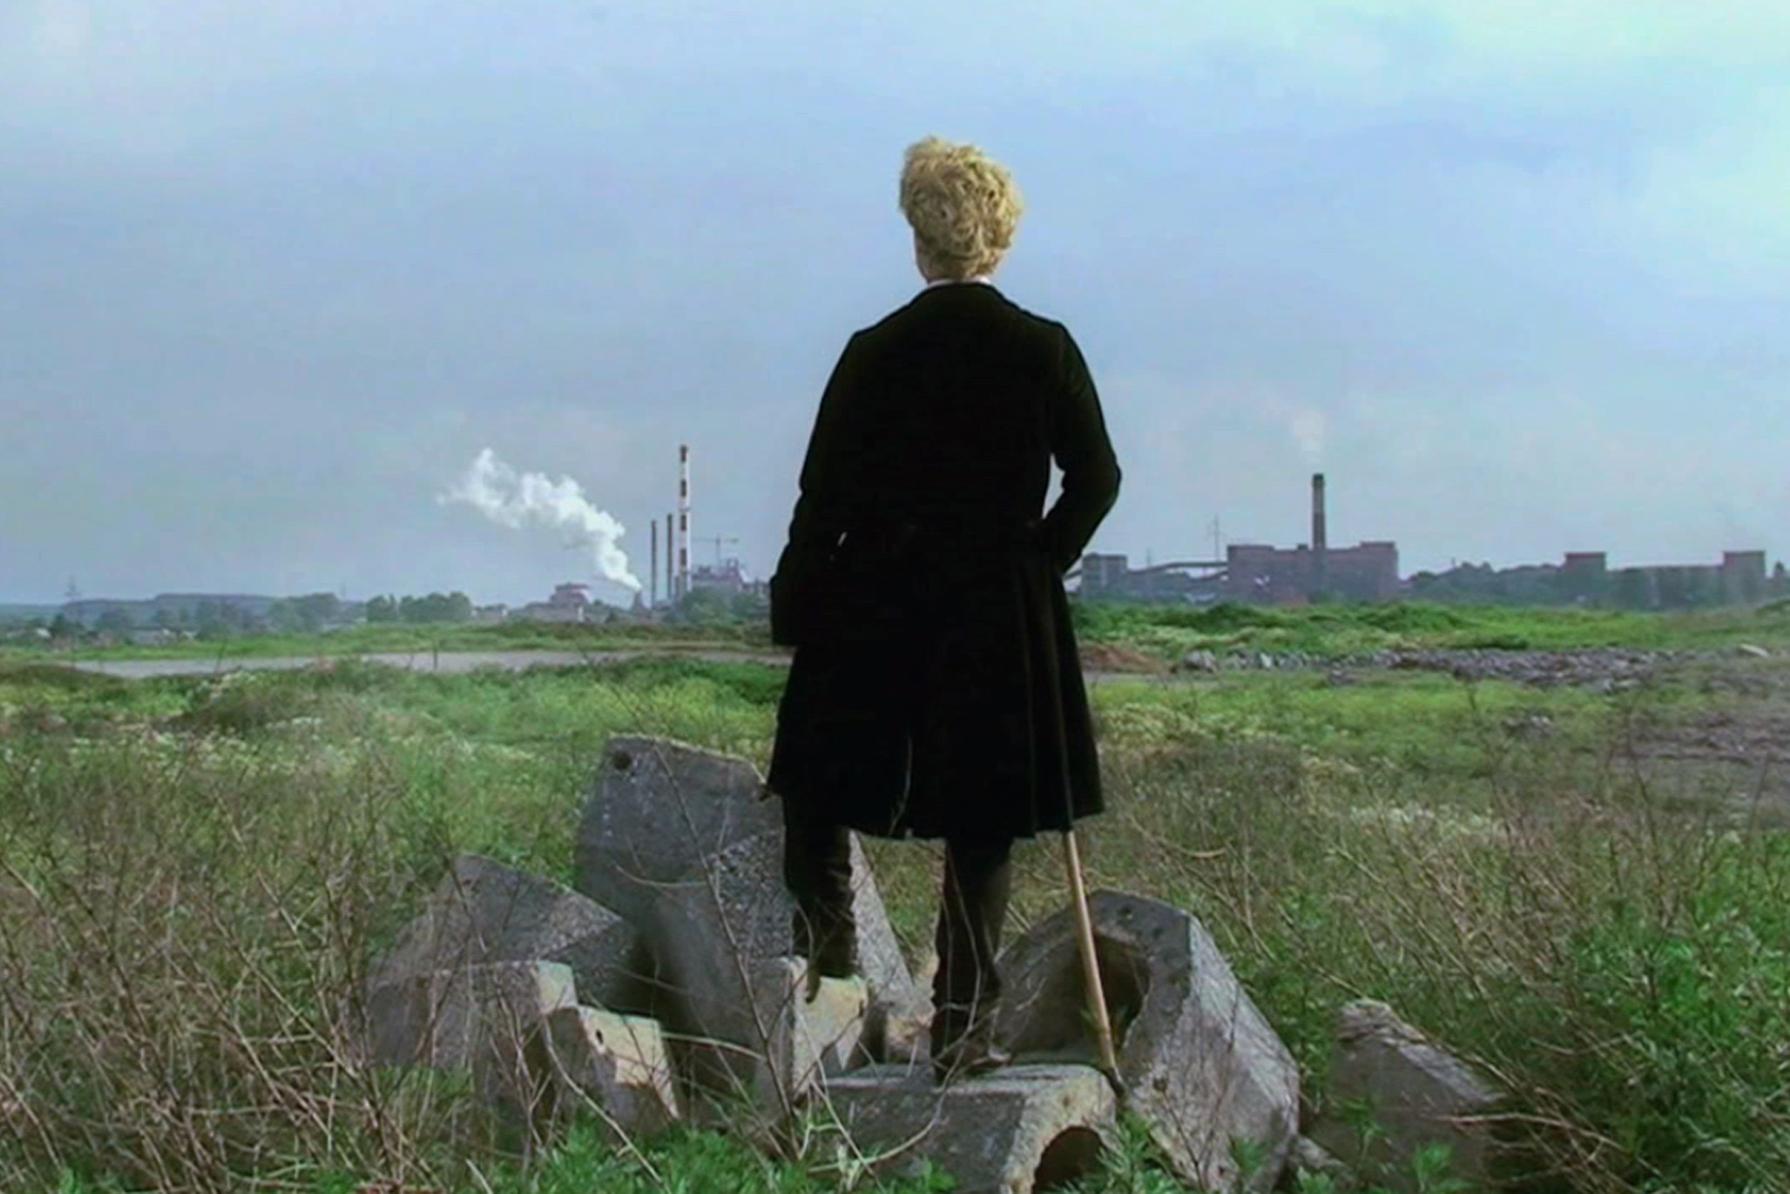 Laura Pawela, Untitled (Fredrich), kadr zfilmu